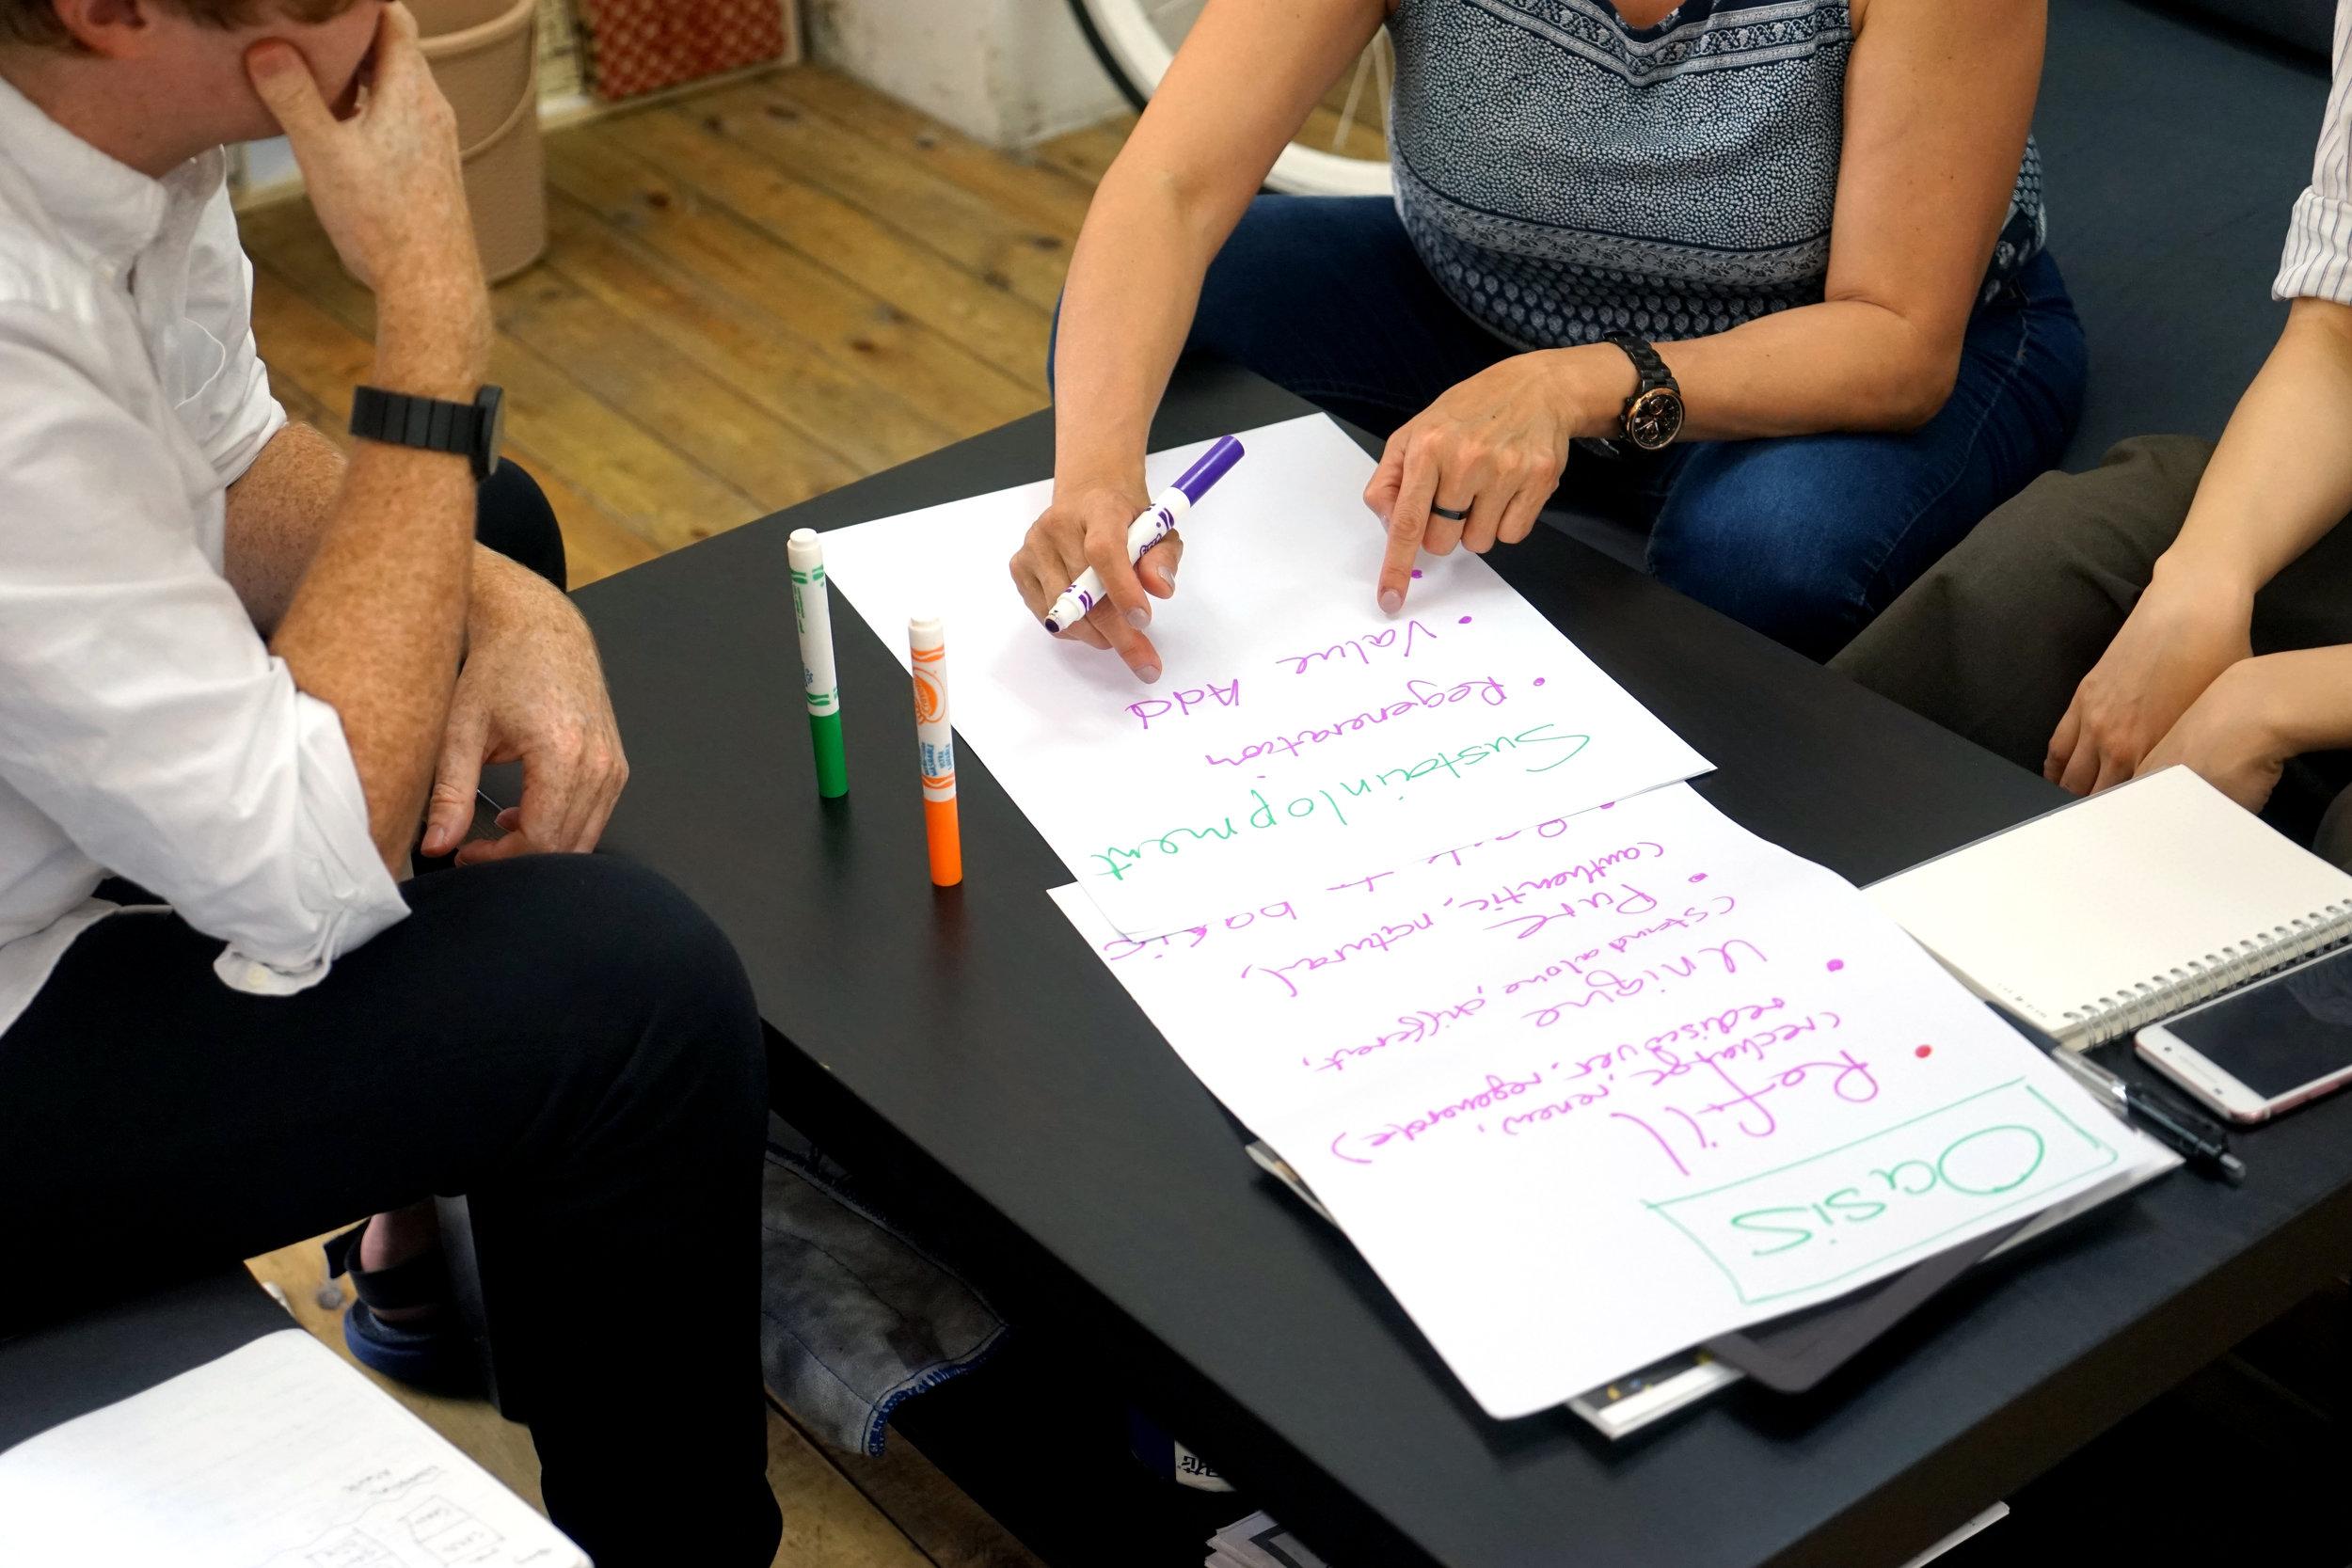 创造 - 通过共同创造的过程找到解决方案;- 策略规划- 定位报告- 标书、申请基金提案- 空间和体验设计- 视觉识别系统和平面设计